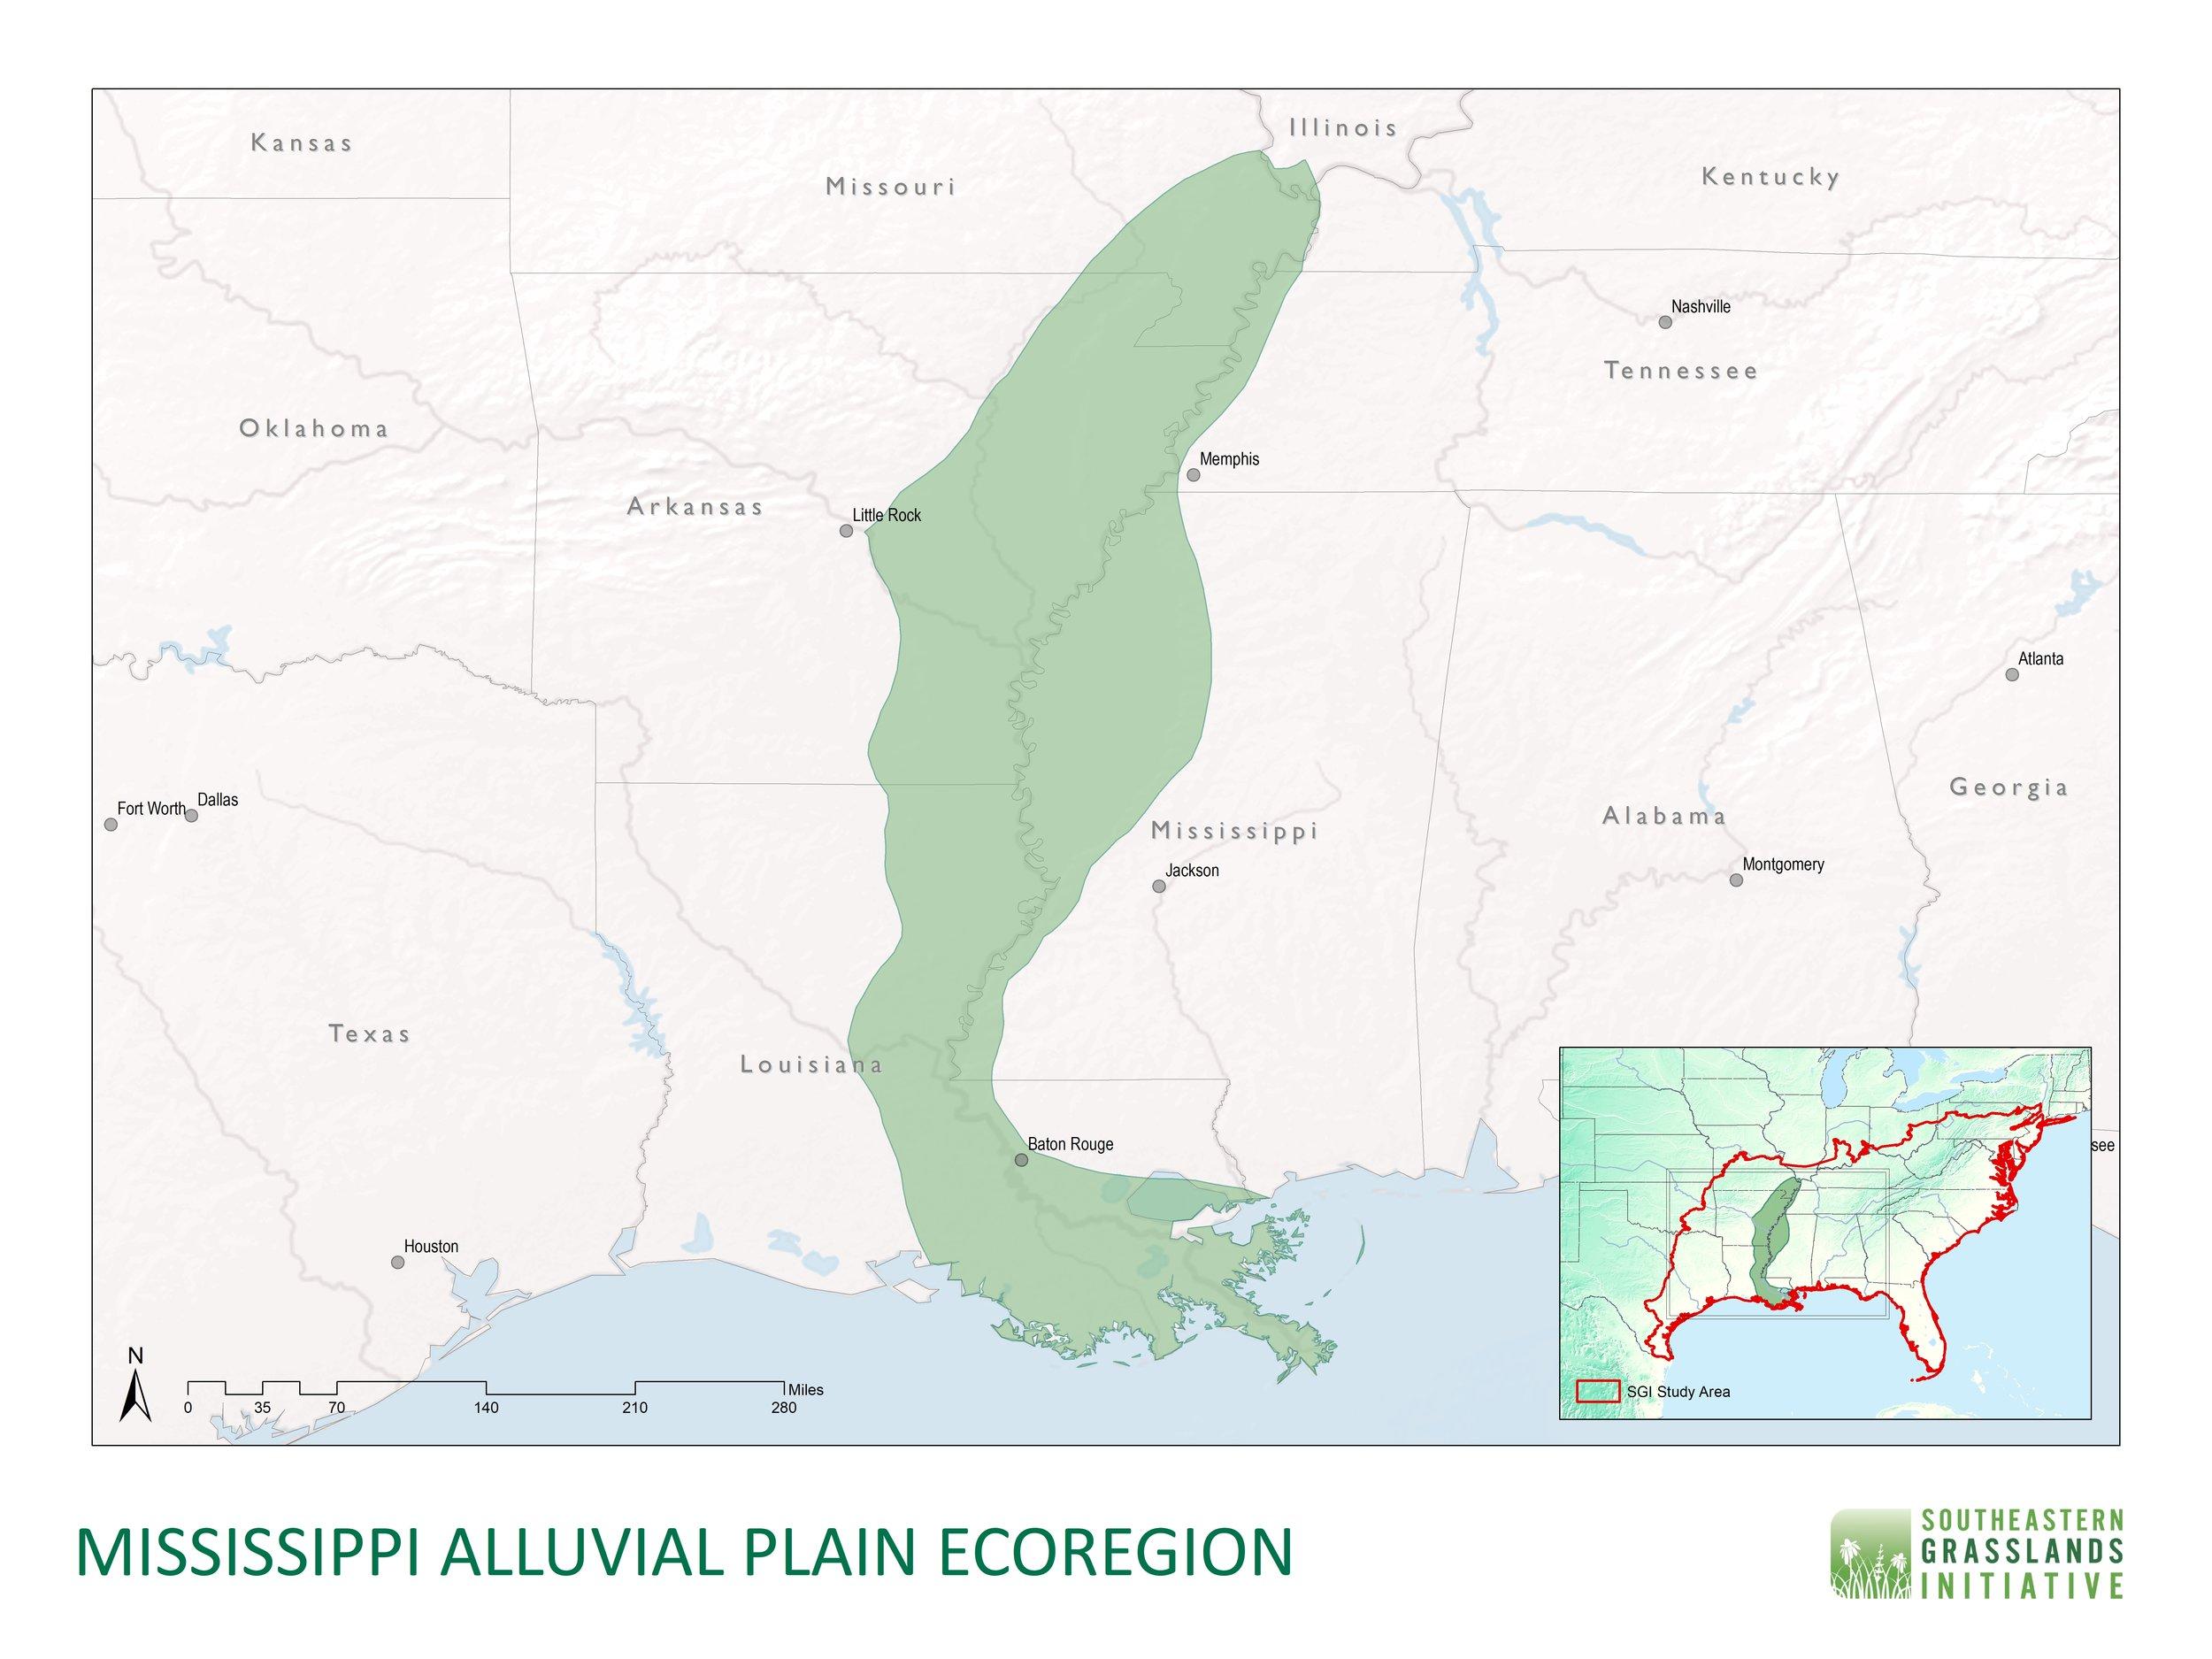 Mississippi Alluvial Plain